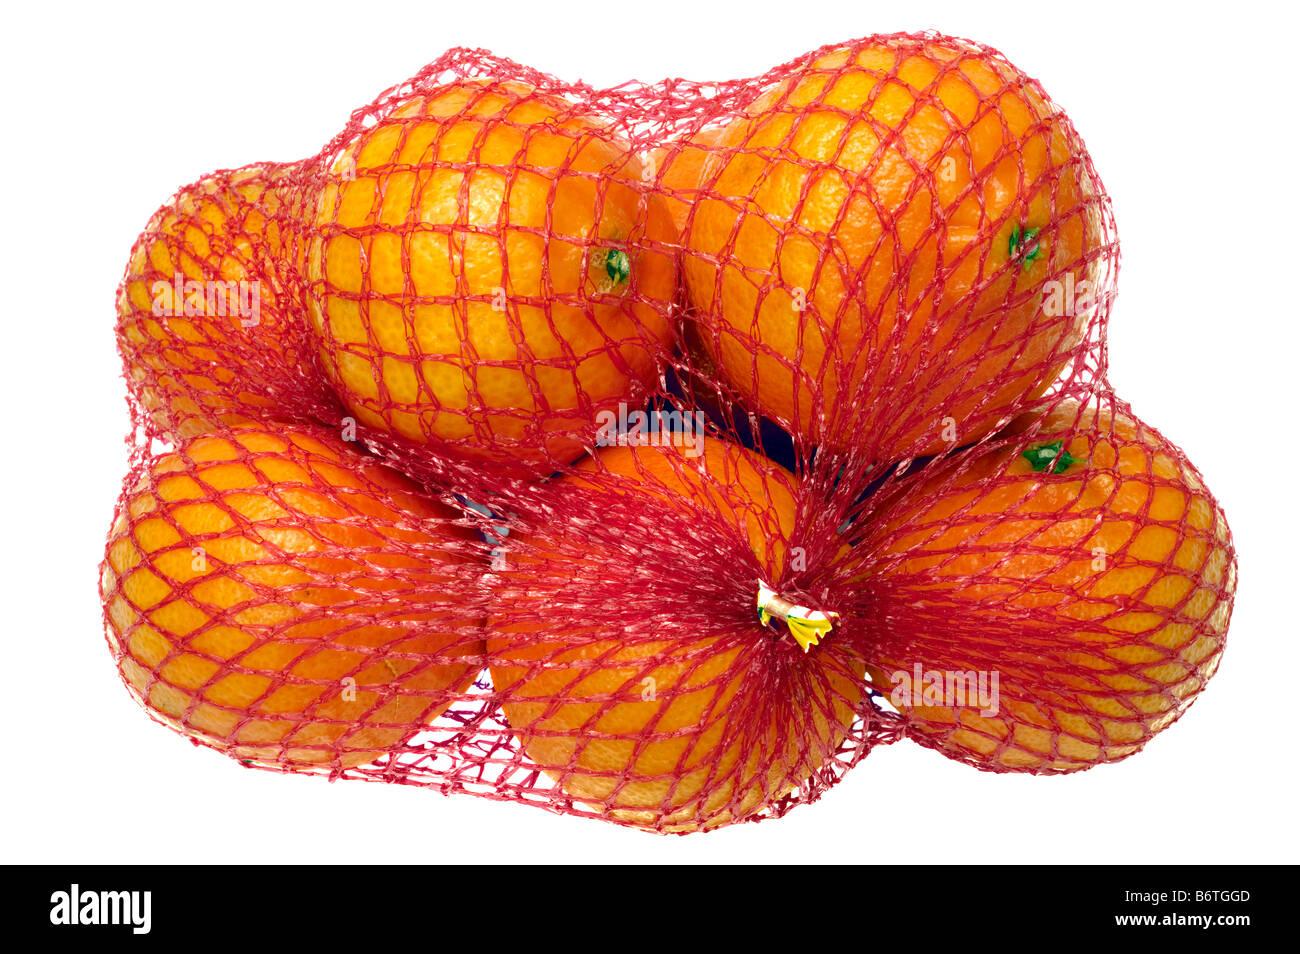 Eine Packung von Clementinen in einer roten Netto Netzbeutel Stockbild